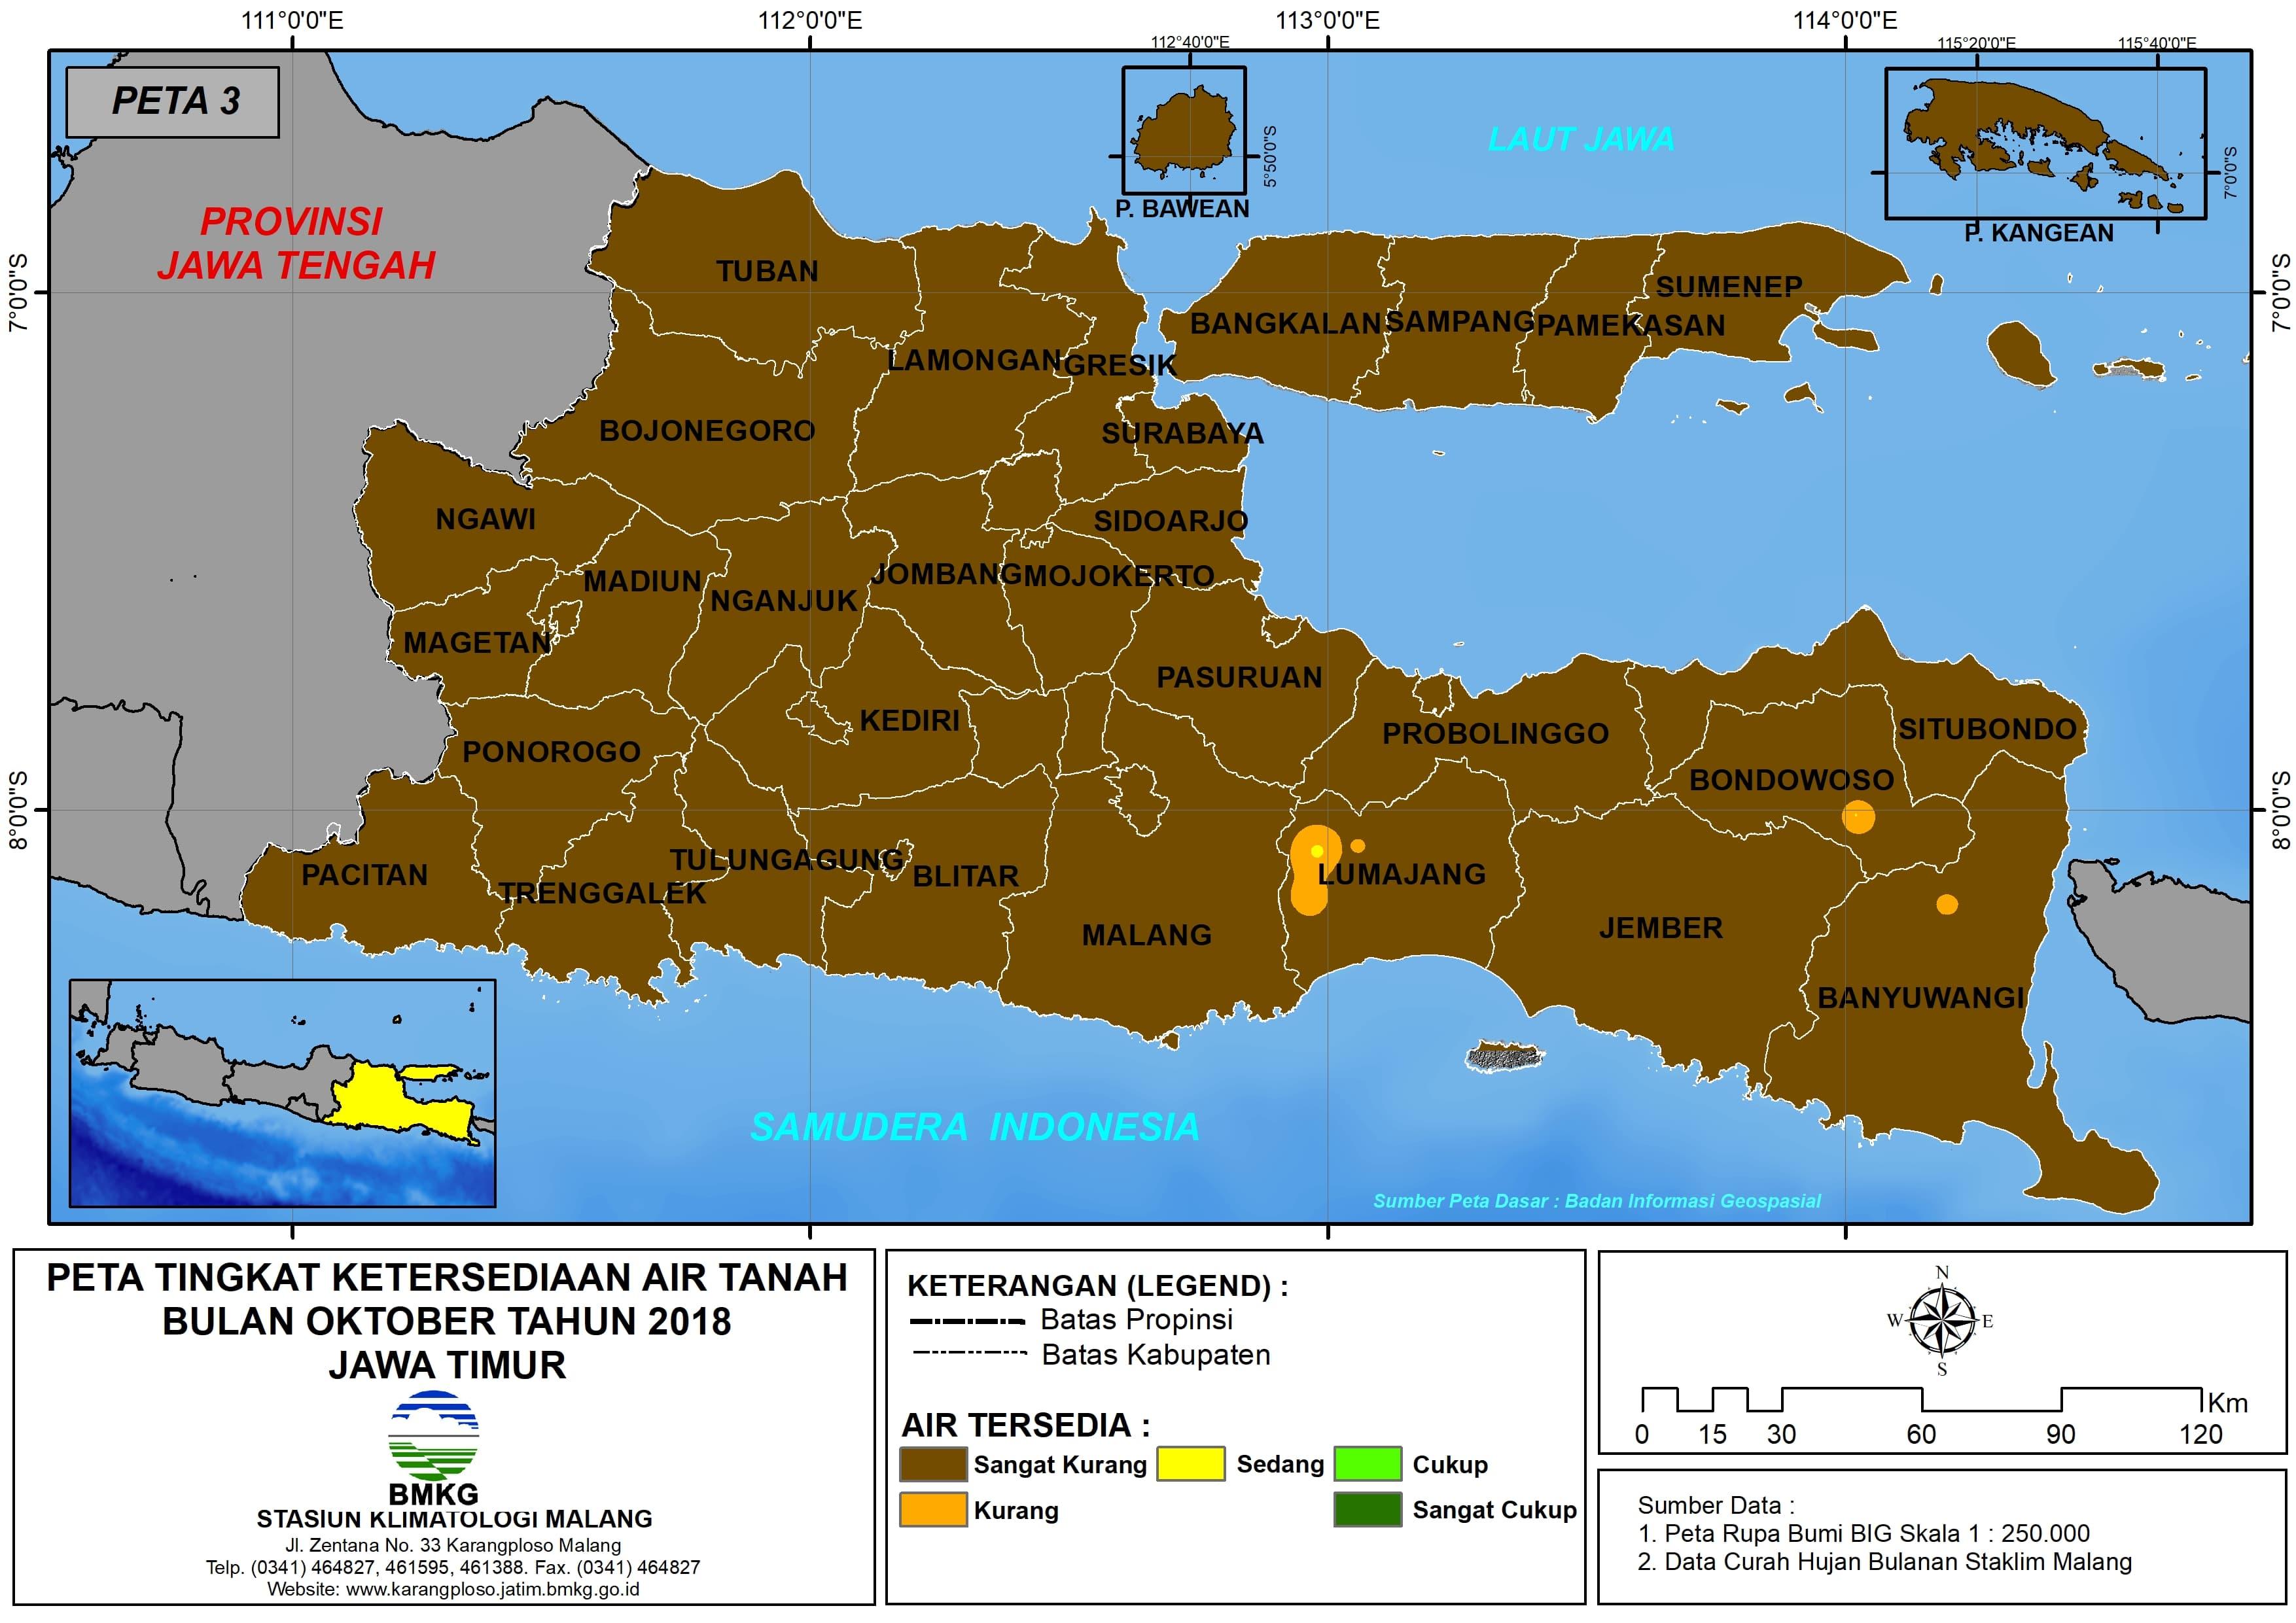 Analisis Tingkat Ketersediaan Air Tanah Bulan Oktober Tahun 2018 di Provinsi Jawa Timur